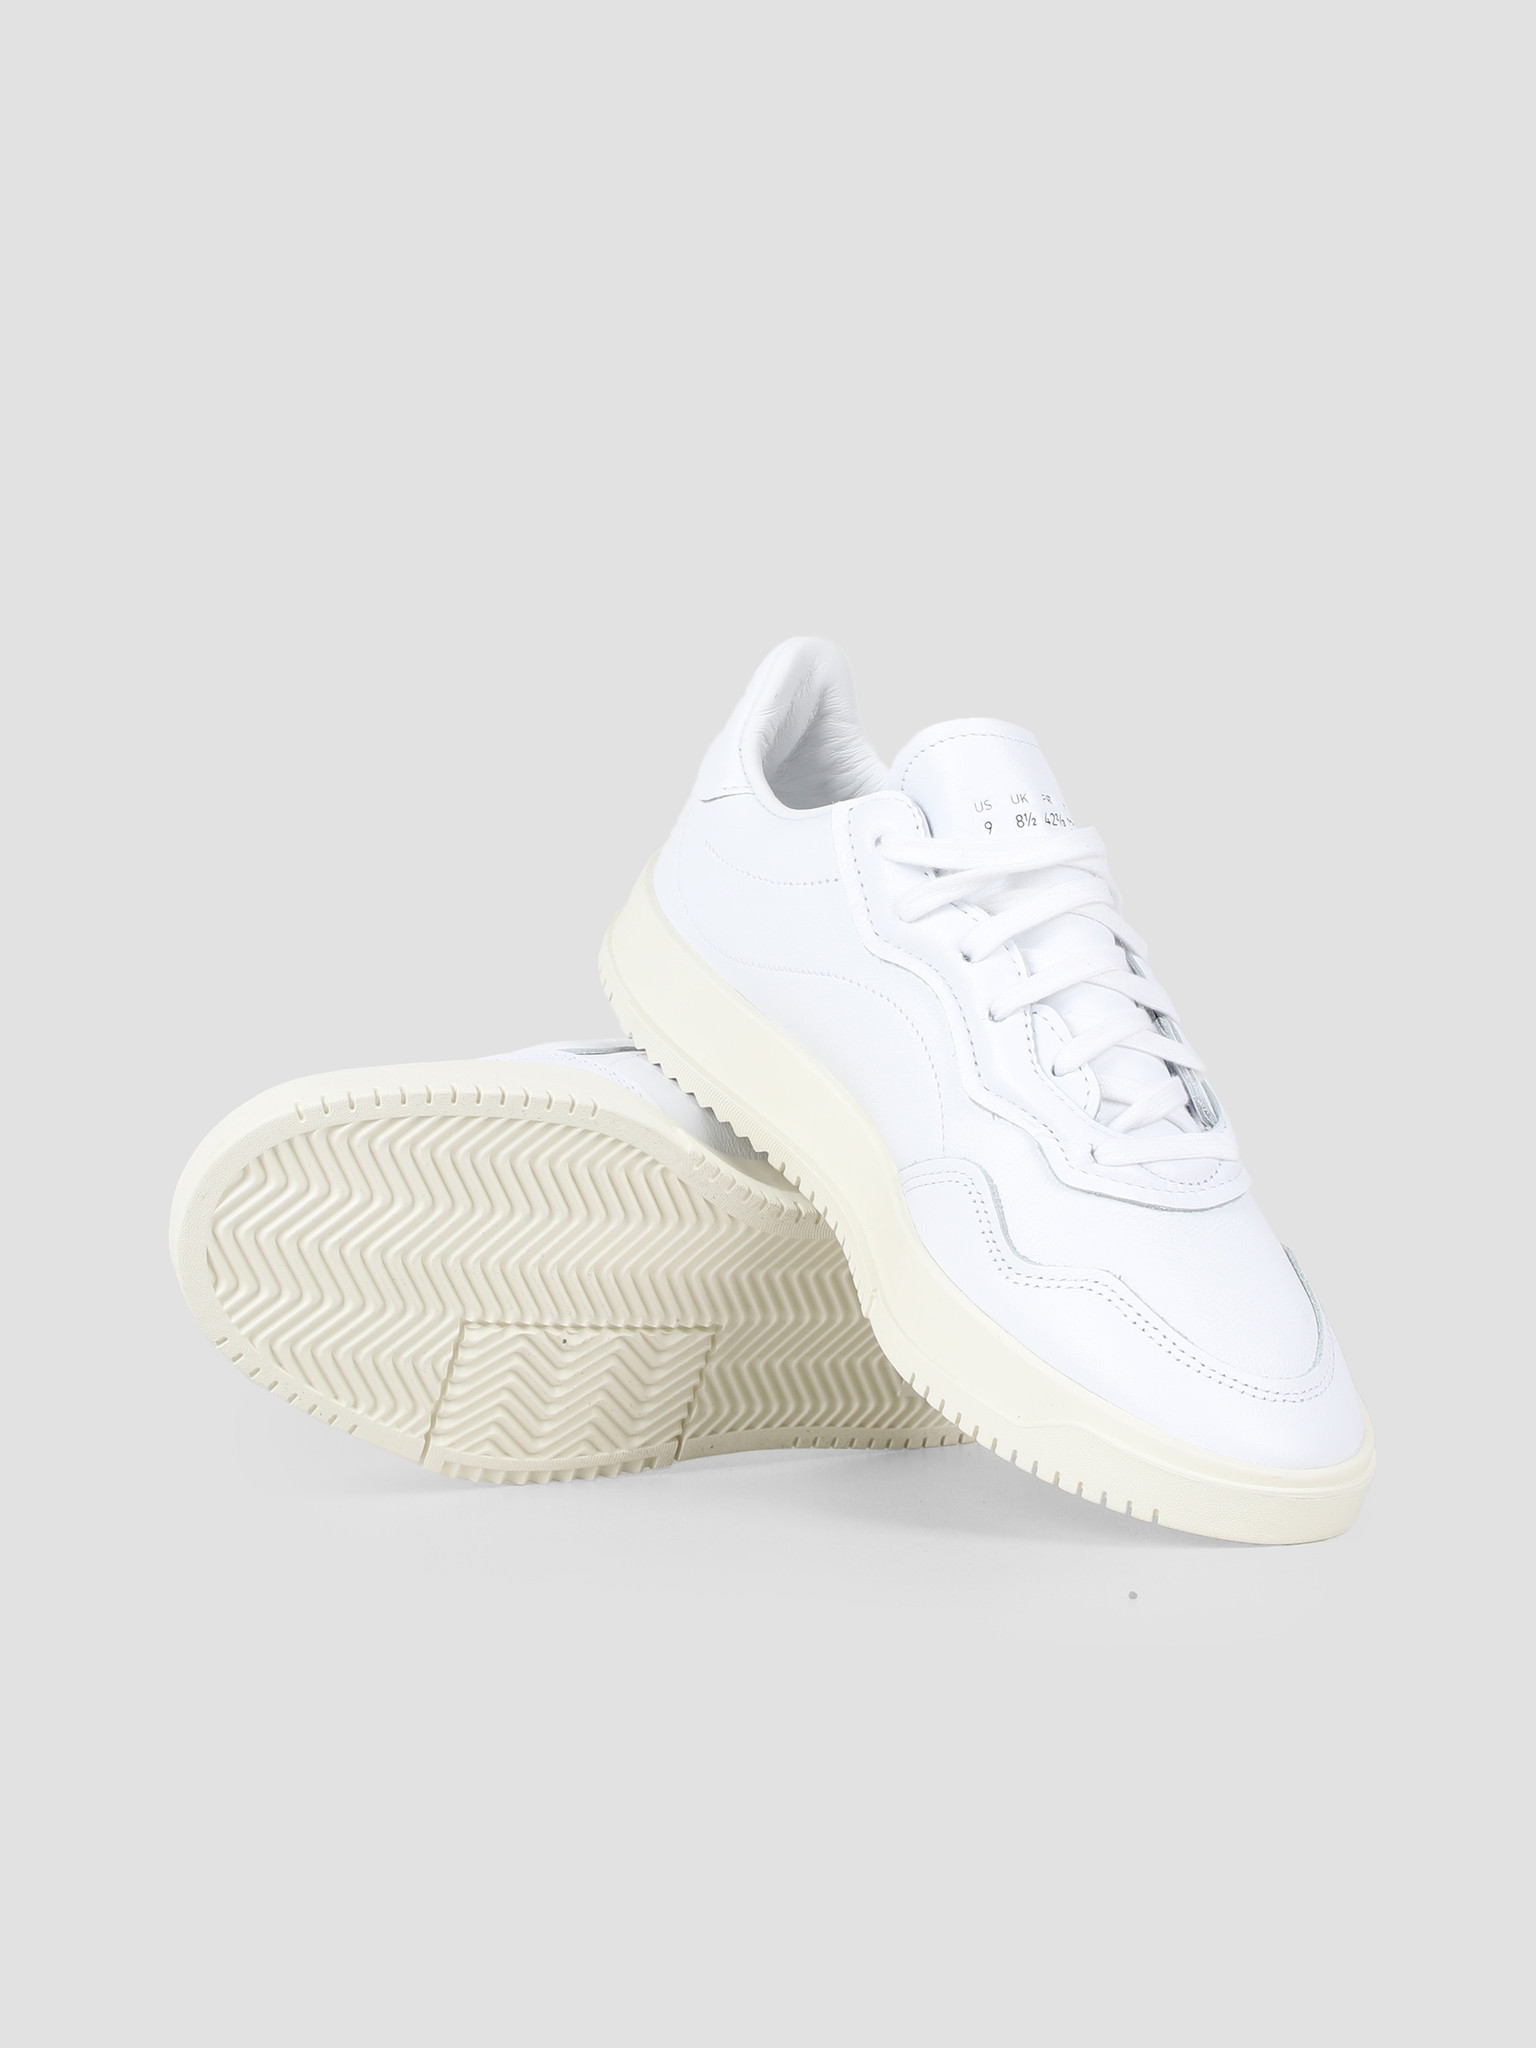 adidas adidas Sc Premiere Ftwwht Ftwwht Cblack EE6327